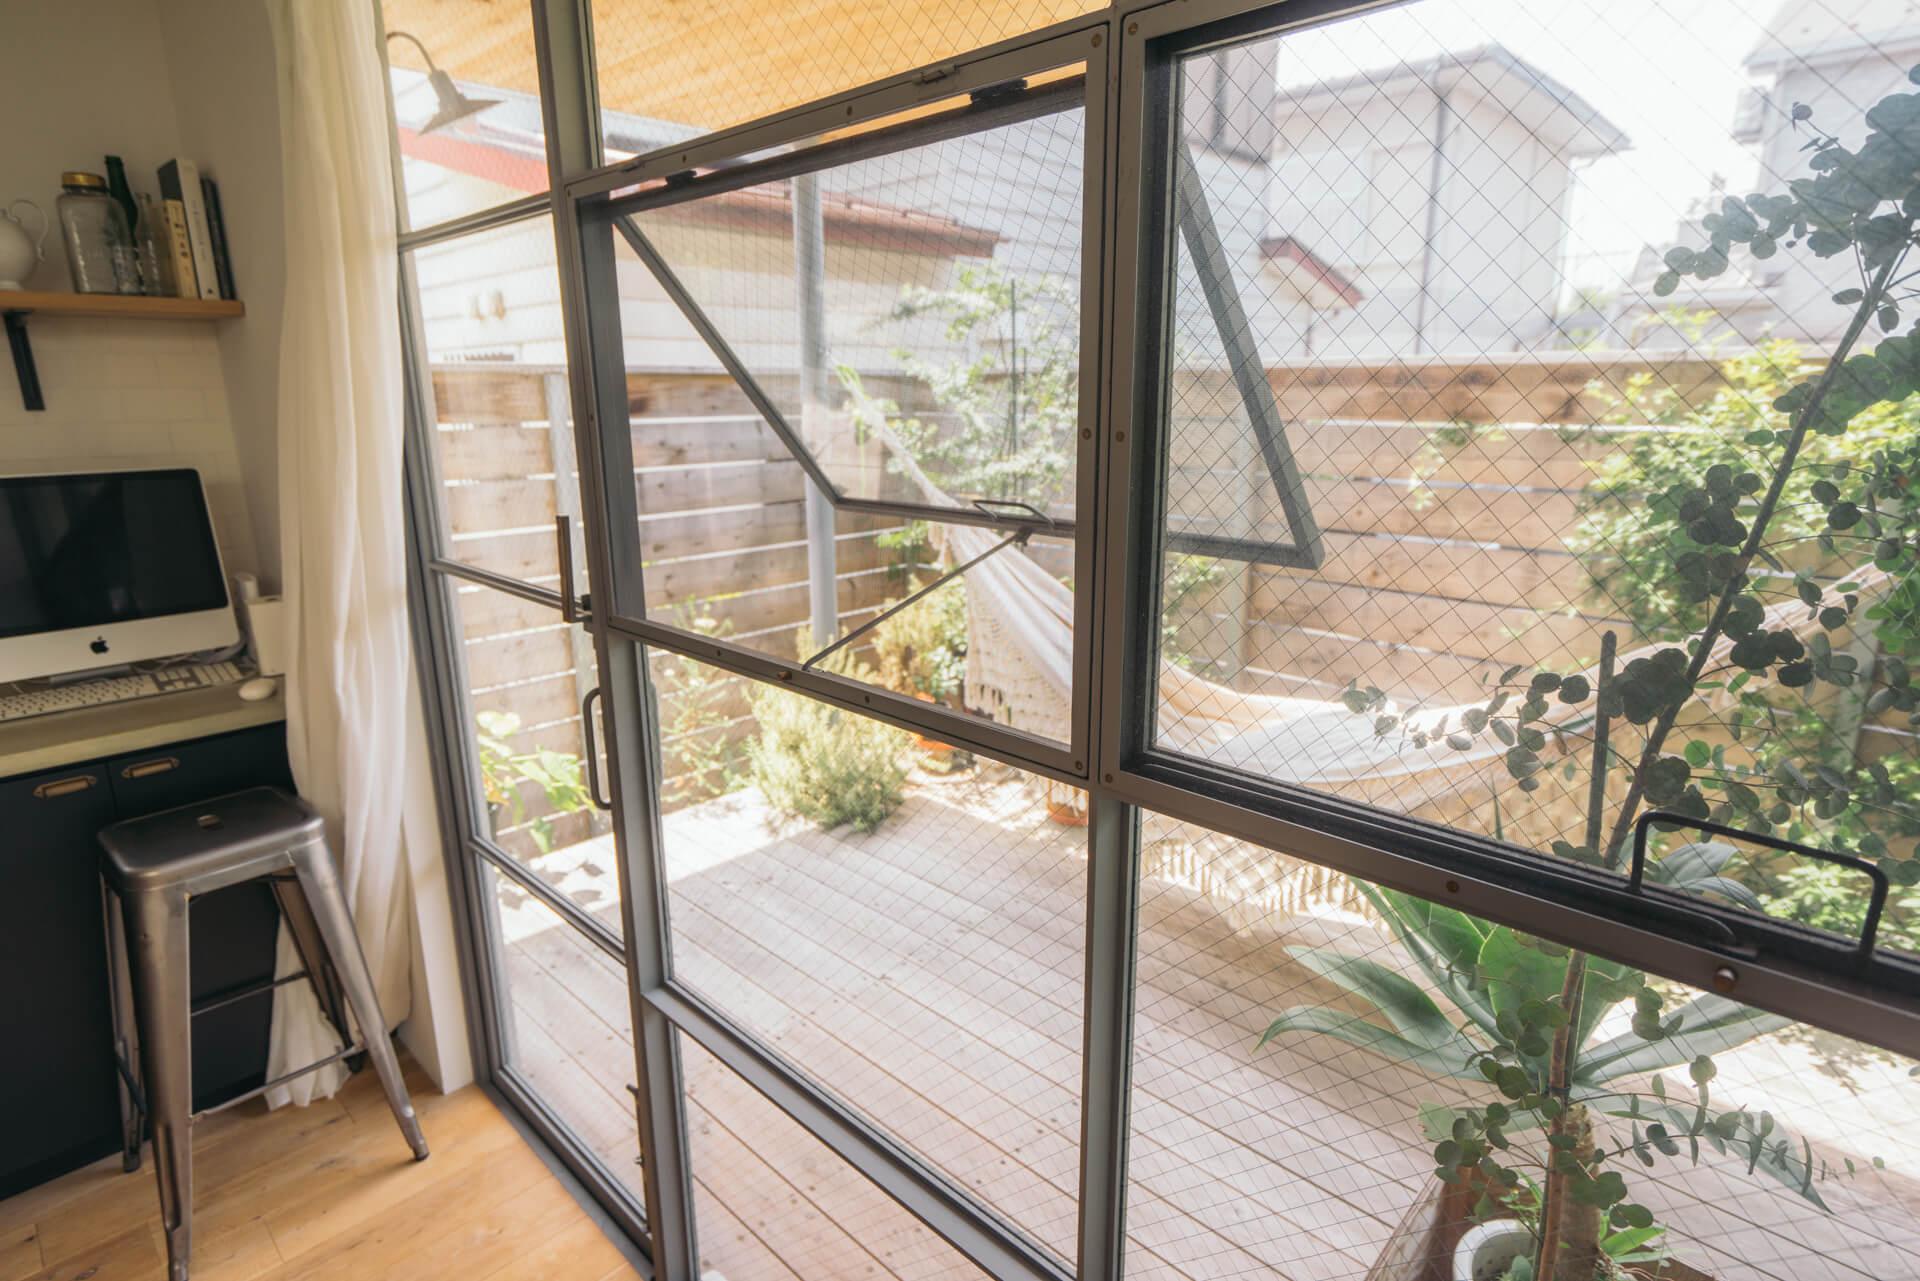 キッチンからお庭に出るドアも、鉄屋さん渾身の作。「さすが、わかってるな〜って感じですよね」とオザワさん。